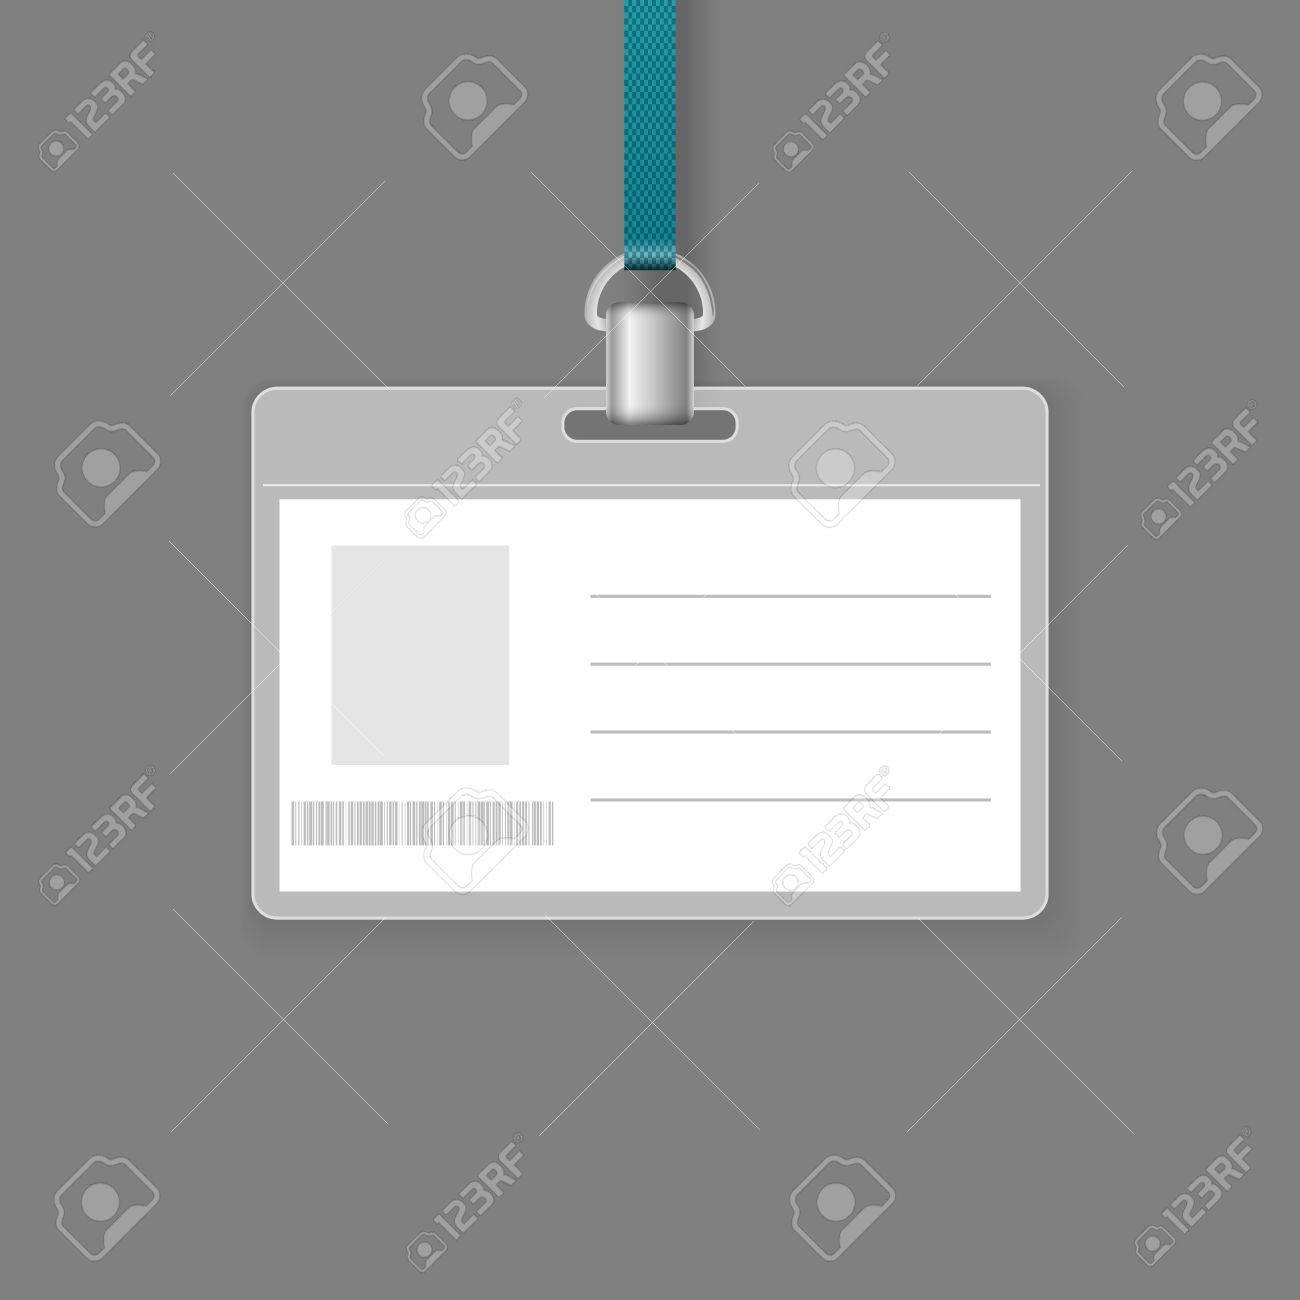 Identificación En Blanco Plantilla De Credencial Vector Aislados ...